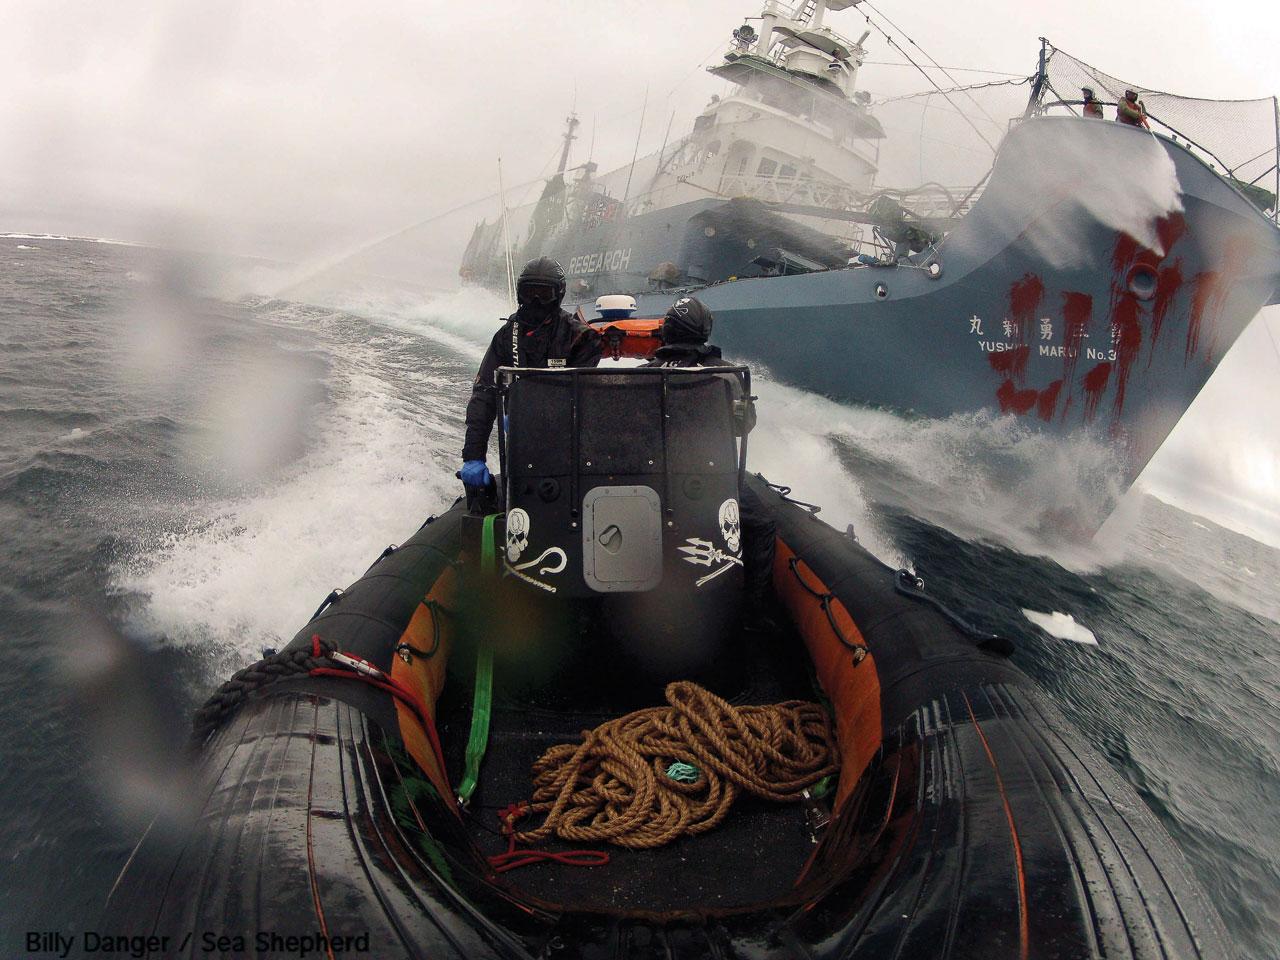 20120221-2012-02-15-BR-Delta-Yushin-GOPR5623